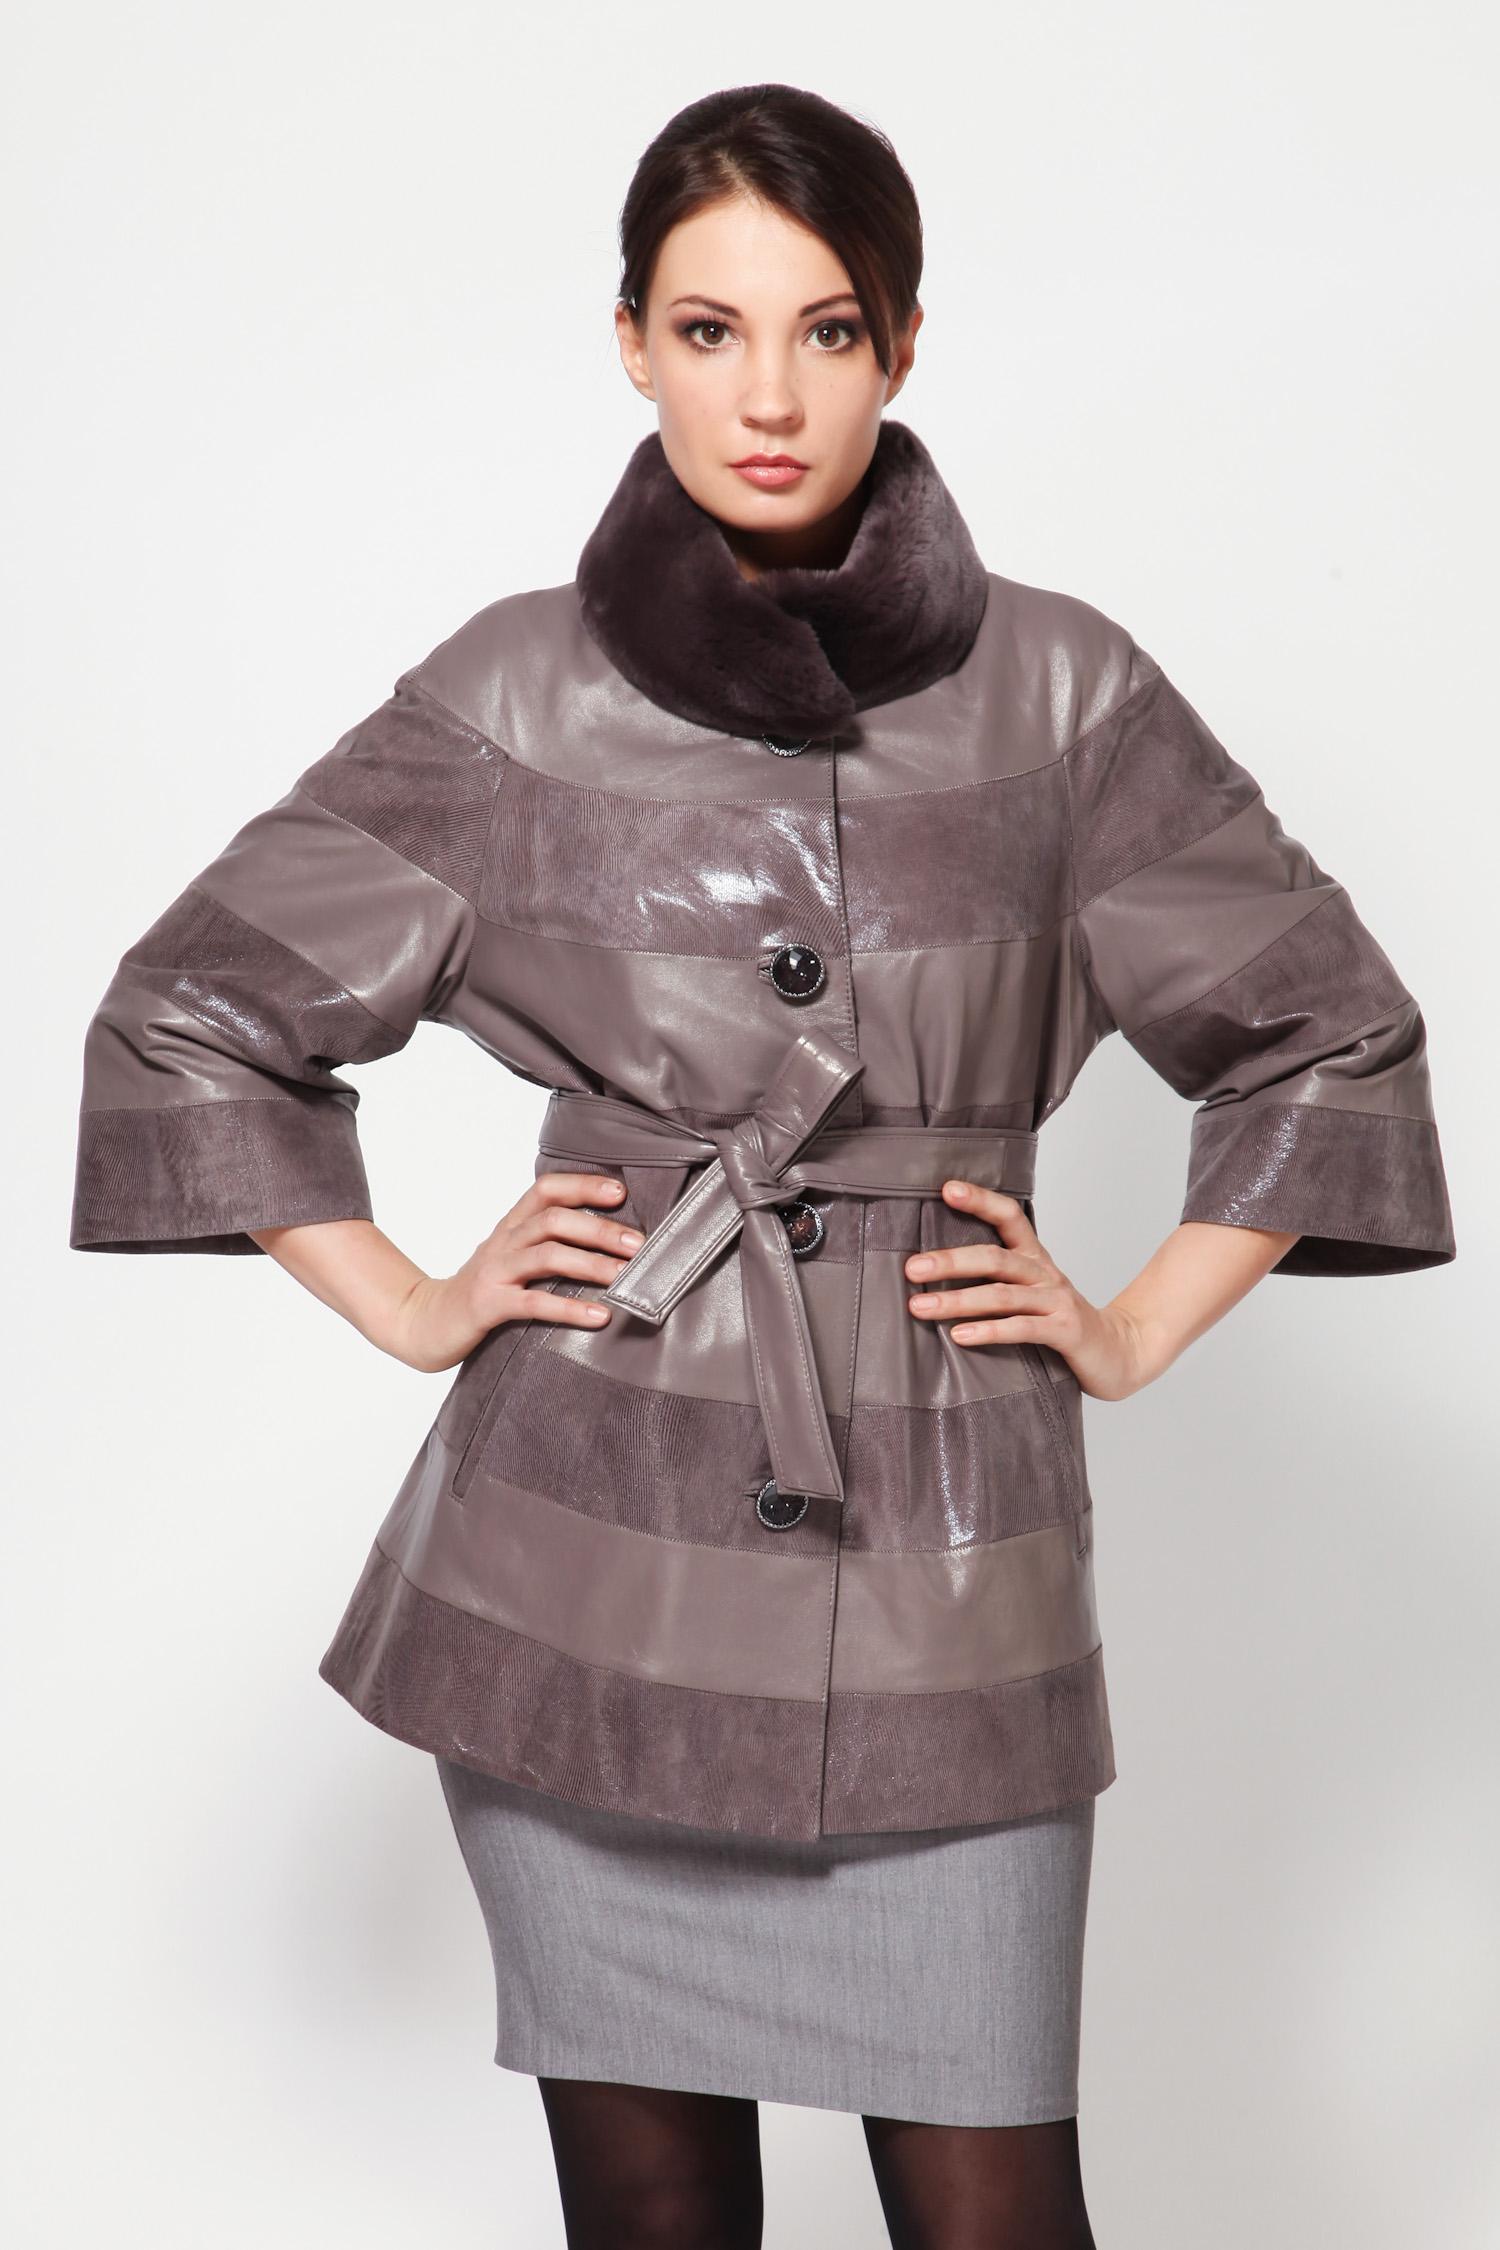 Женская кожаная куртка из натуральной замши и кожи с воротником, отделка кролик